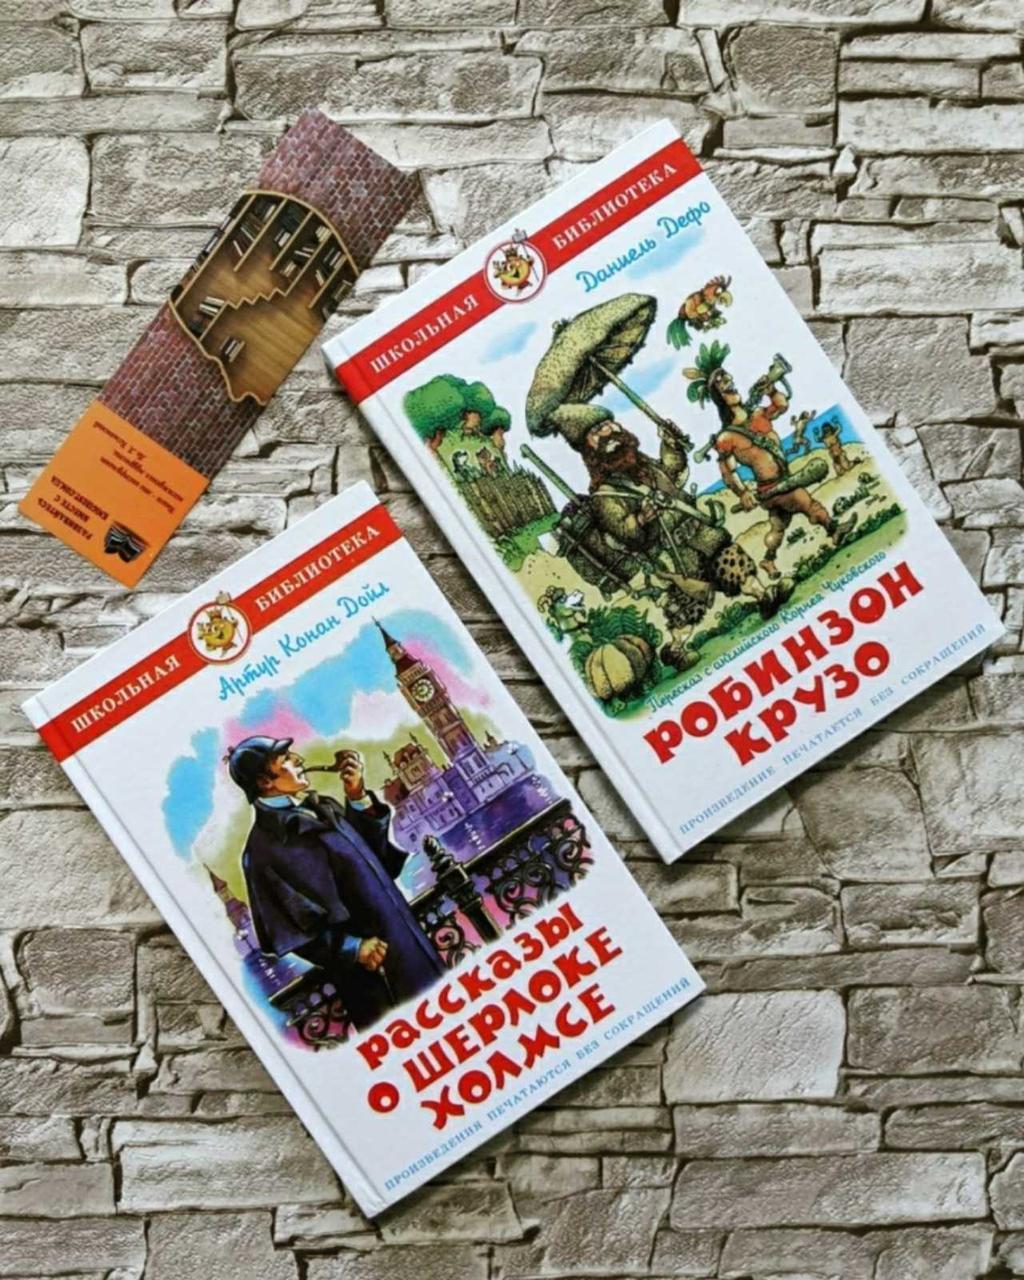 """Набор книг """"Рассказы о Шерлоке Холмсе"""" Артур Конан Дойл, """"Робинзон Крузо"""" Даниэль Дефо"""